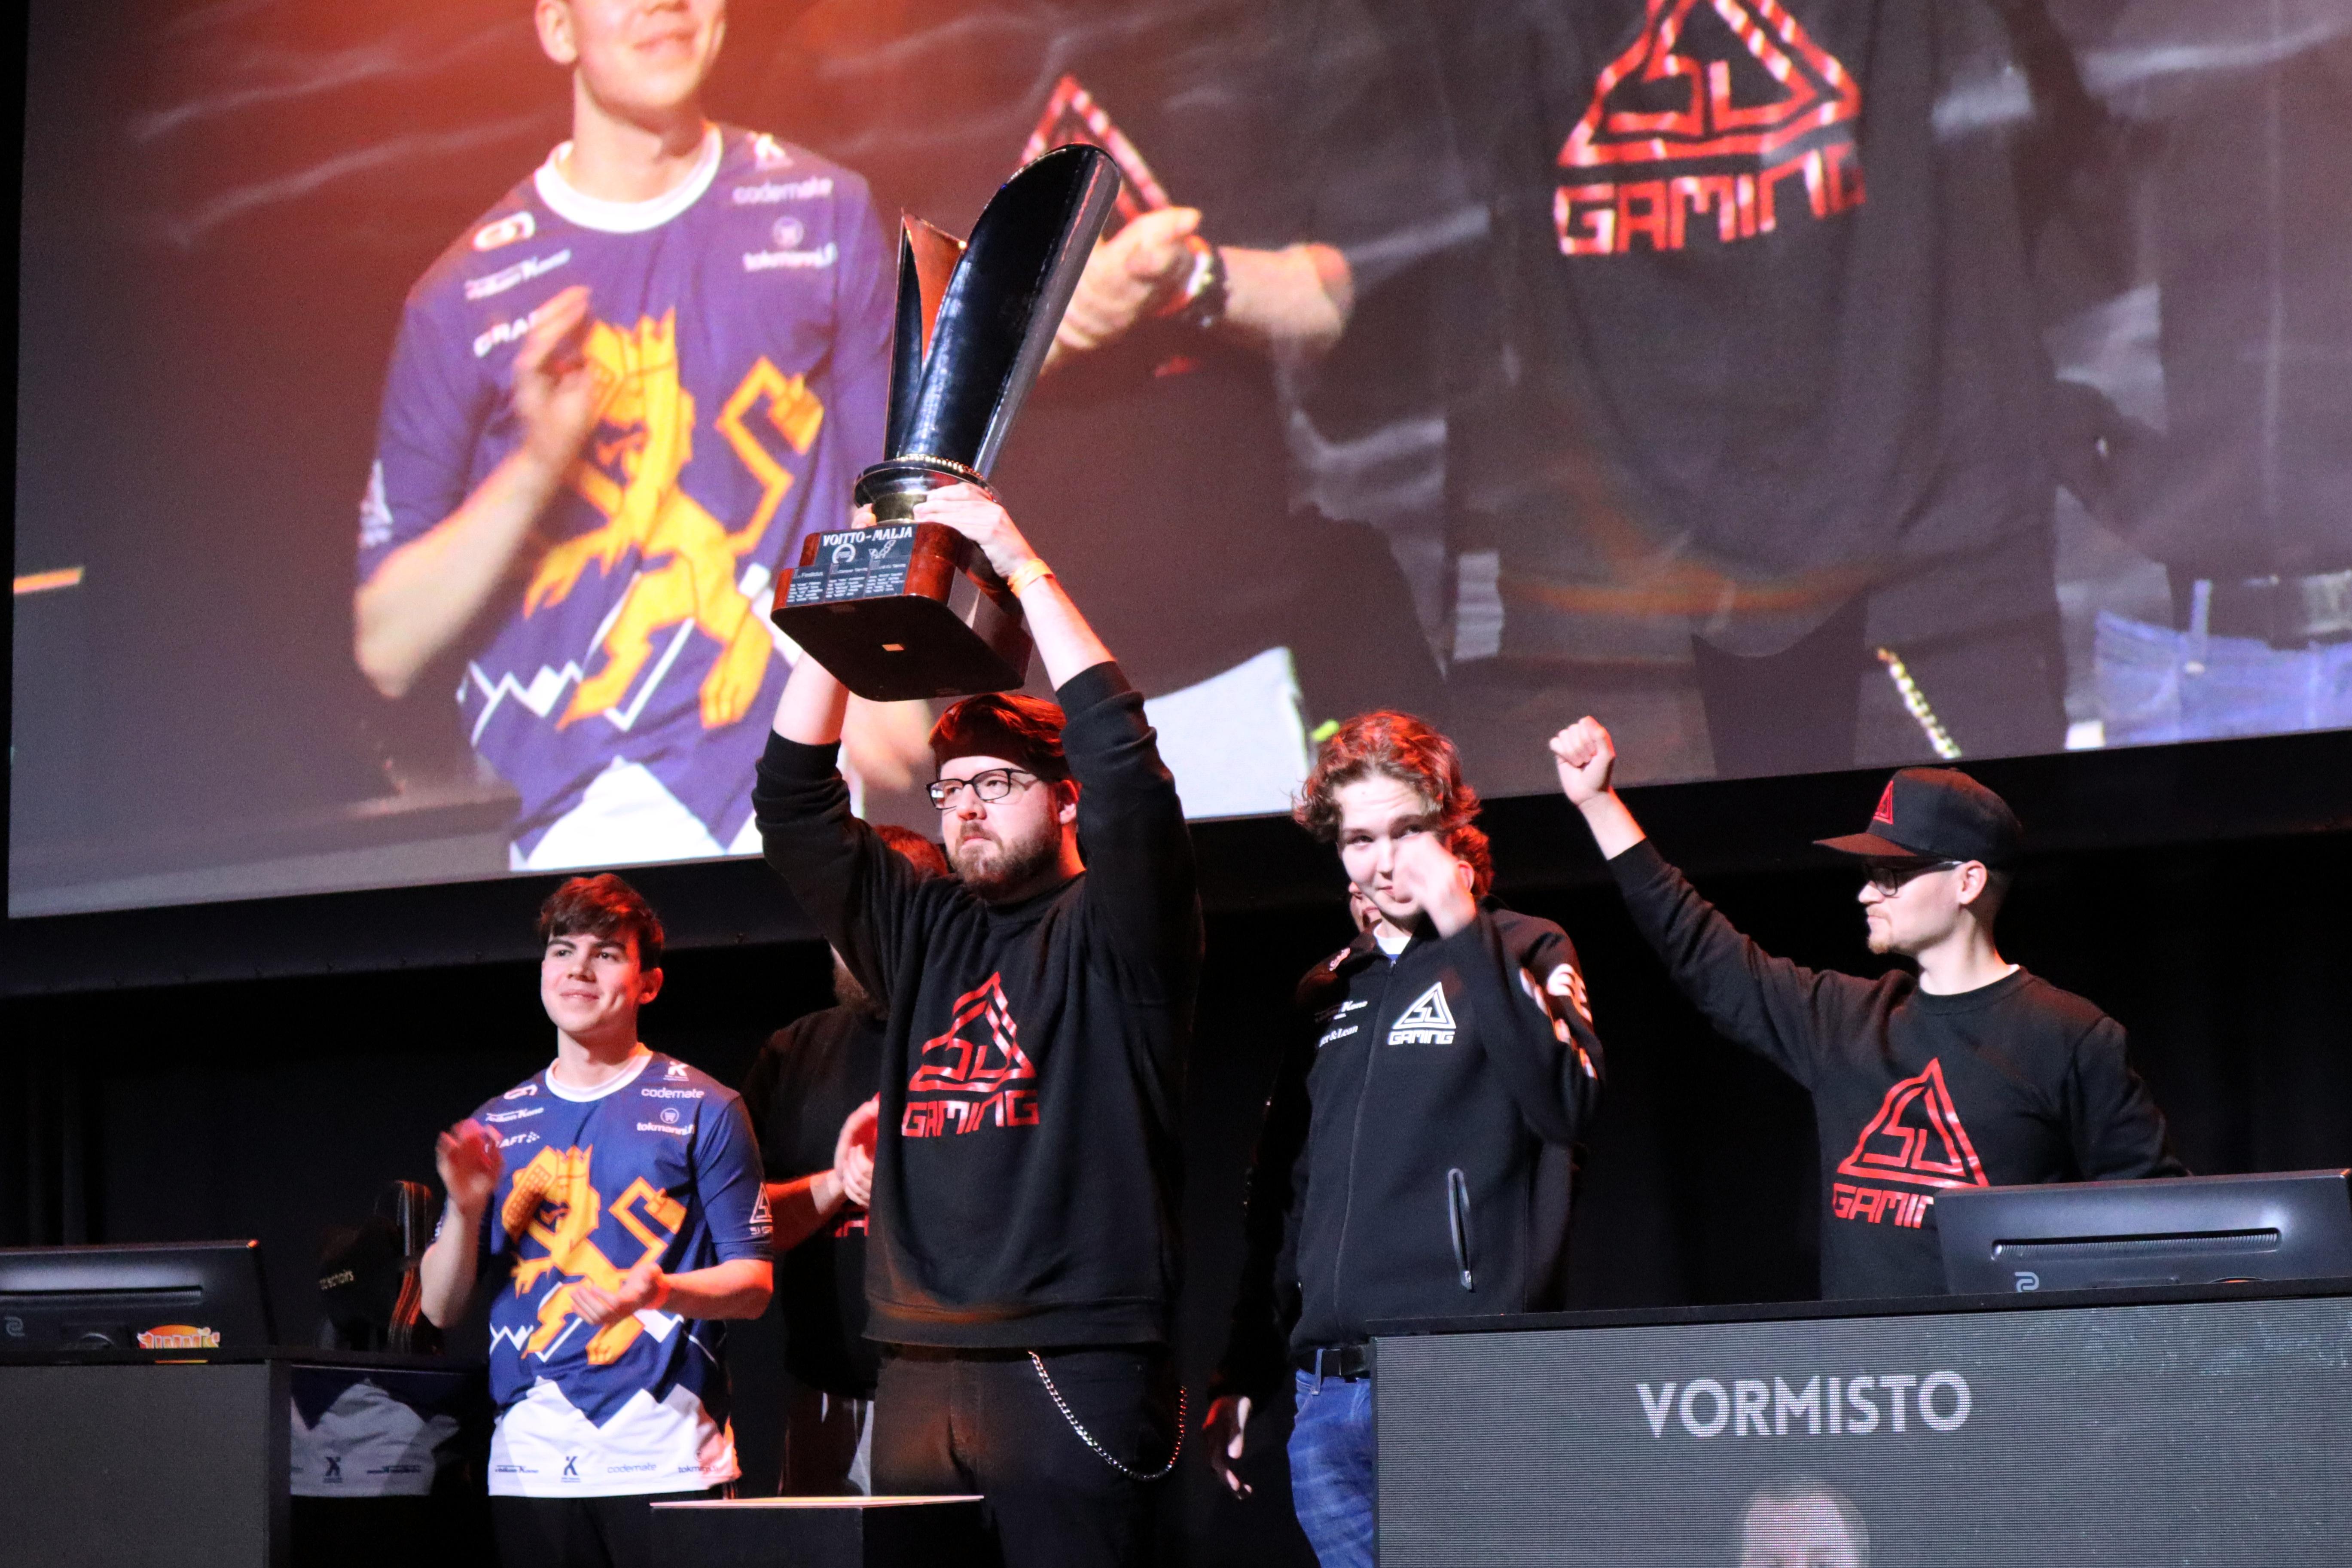 FEL:n kuudennen kauden mestari on SJ Gaming -joukkue. Kuva: Iida Virta